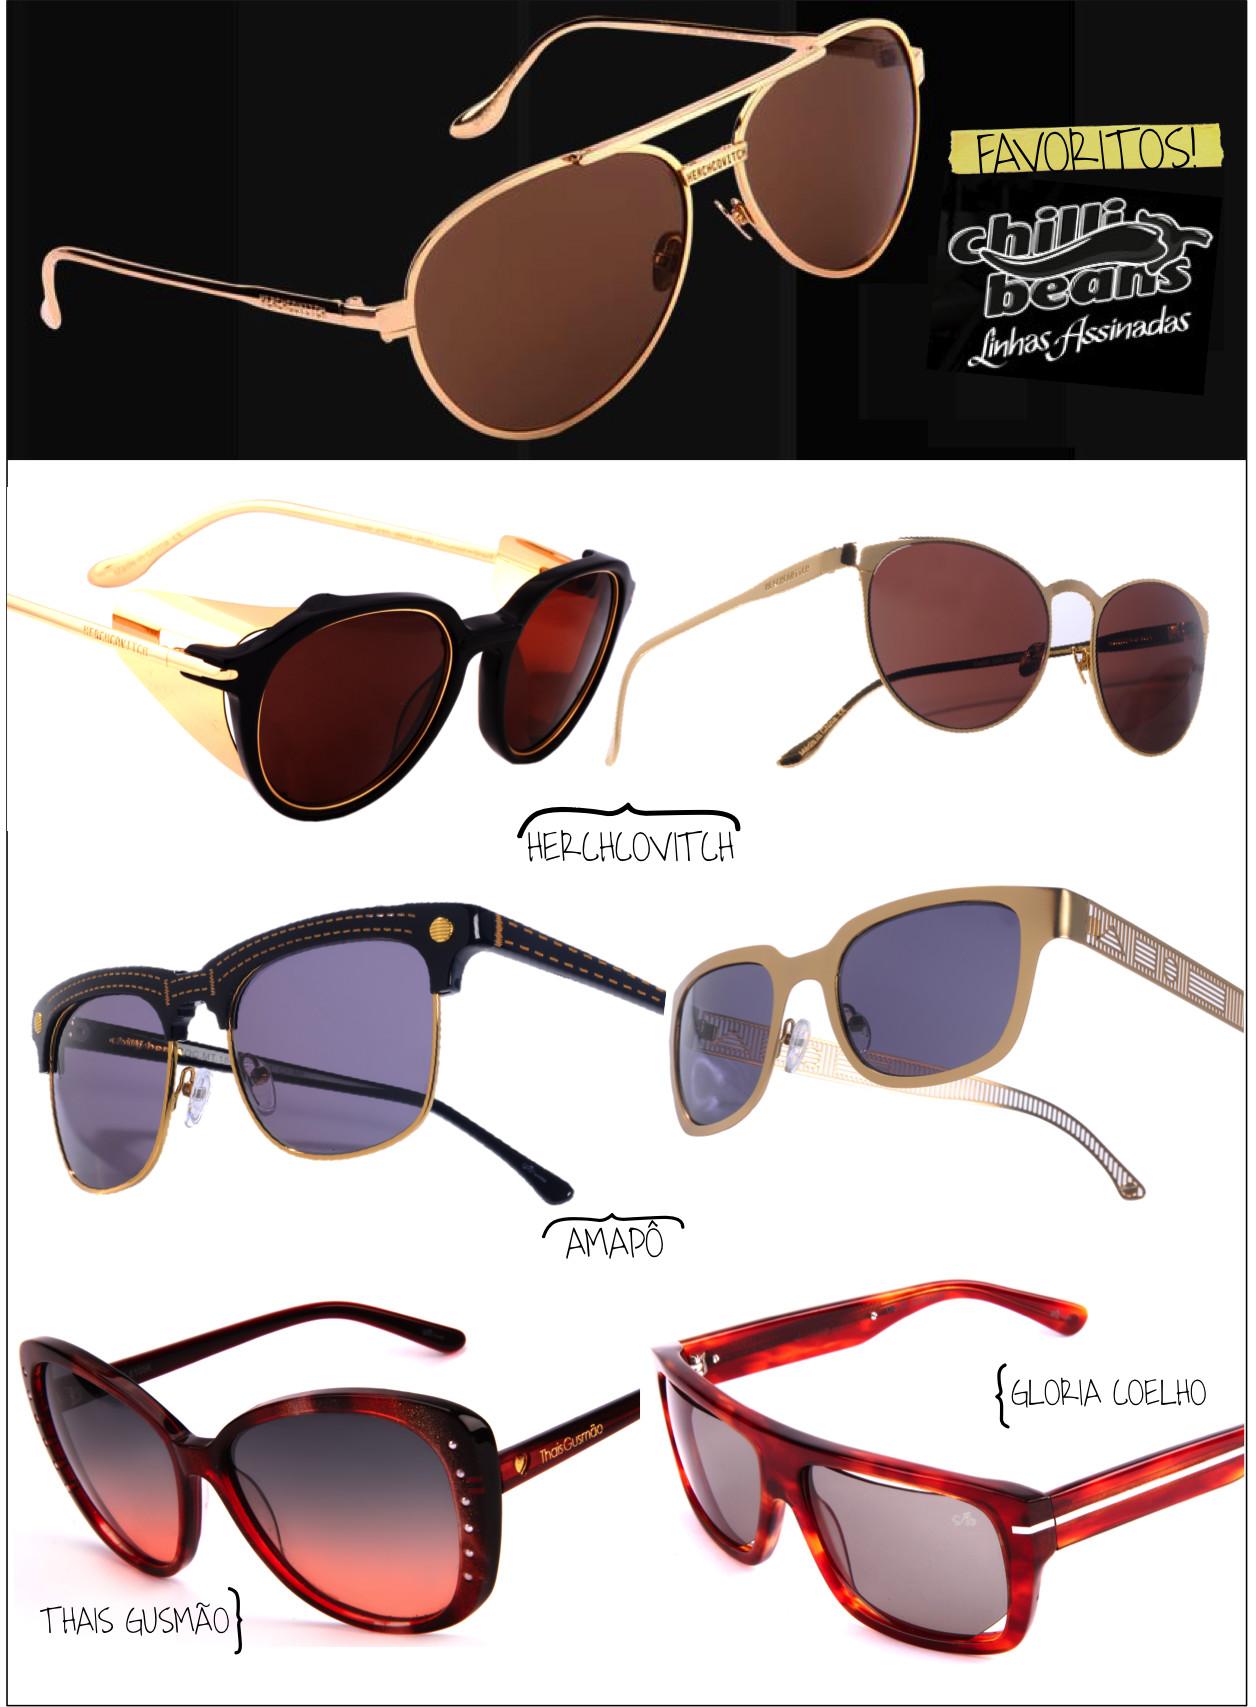 4d8e97266d8bd Favoritos chilli beans. Cada estilista desenvolveu óculos de sol e grau ...